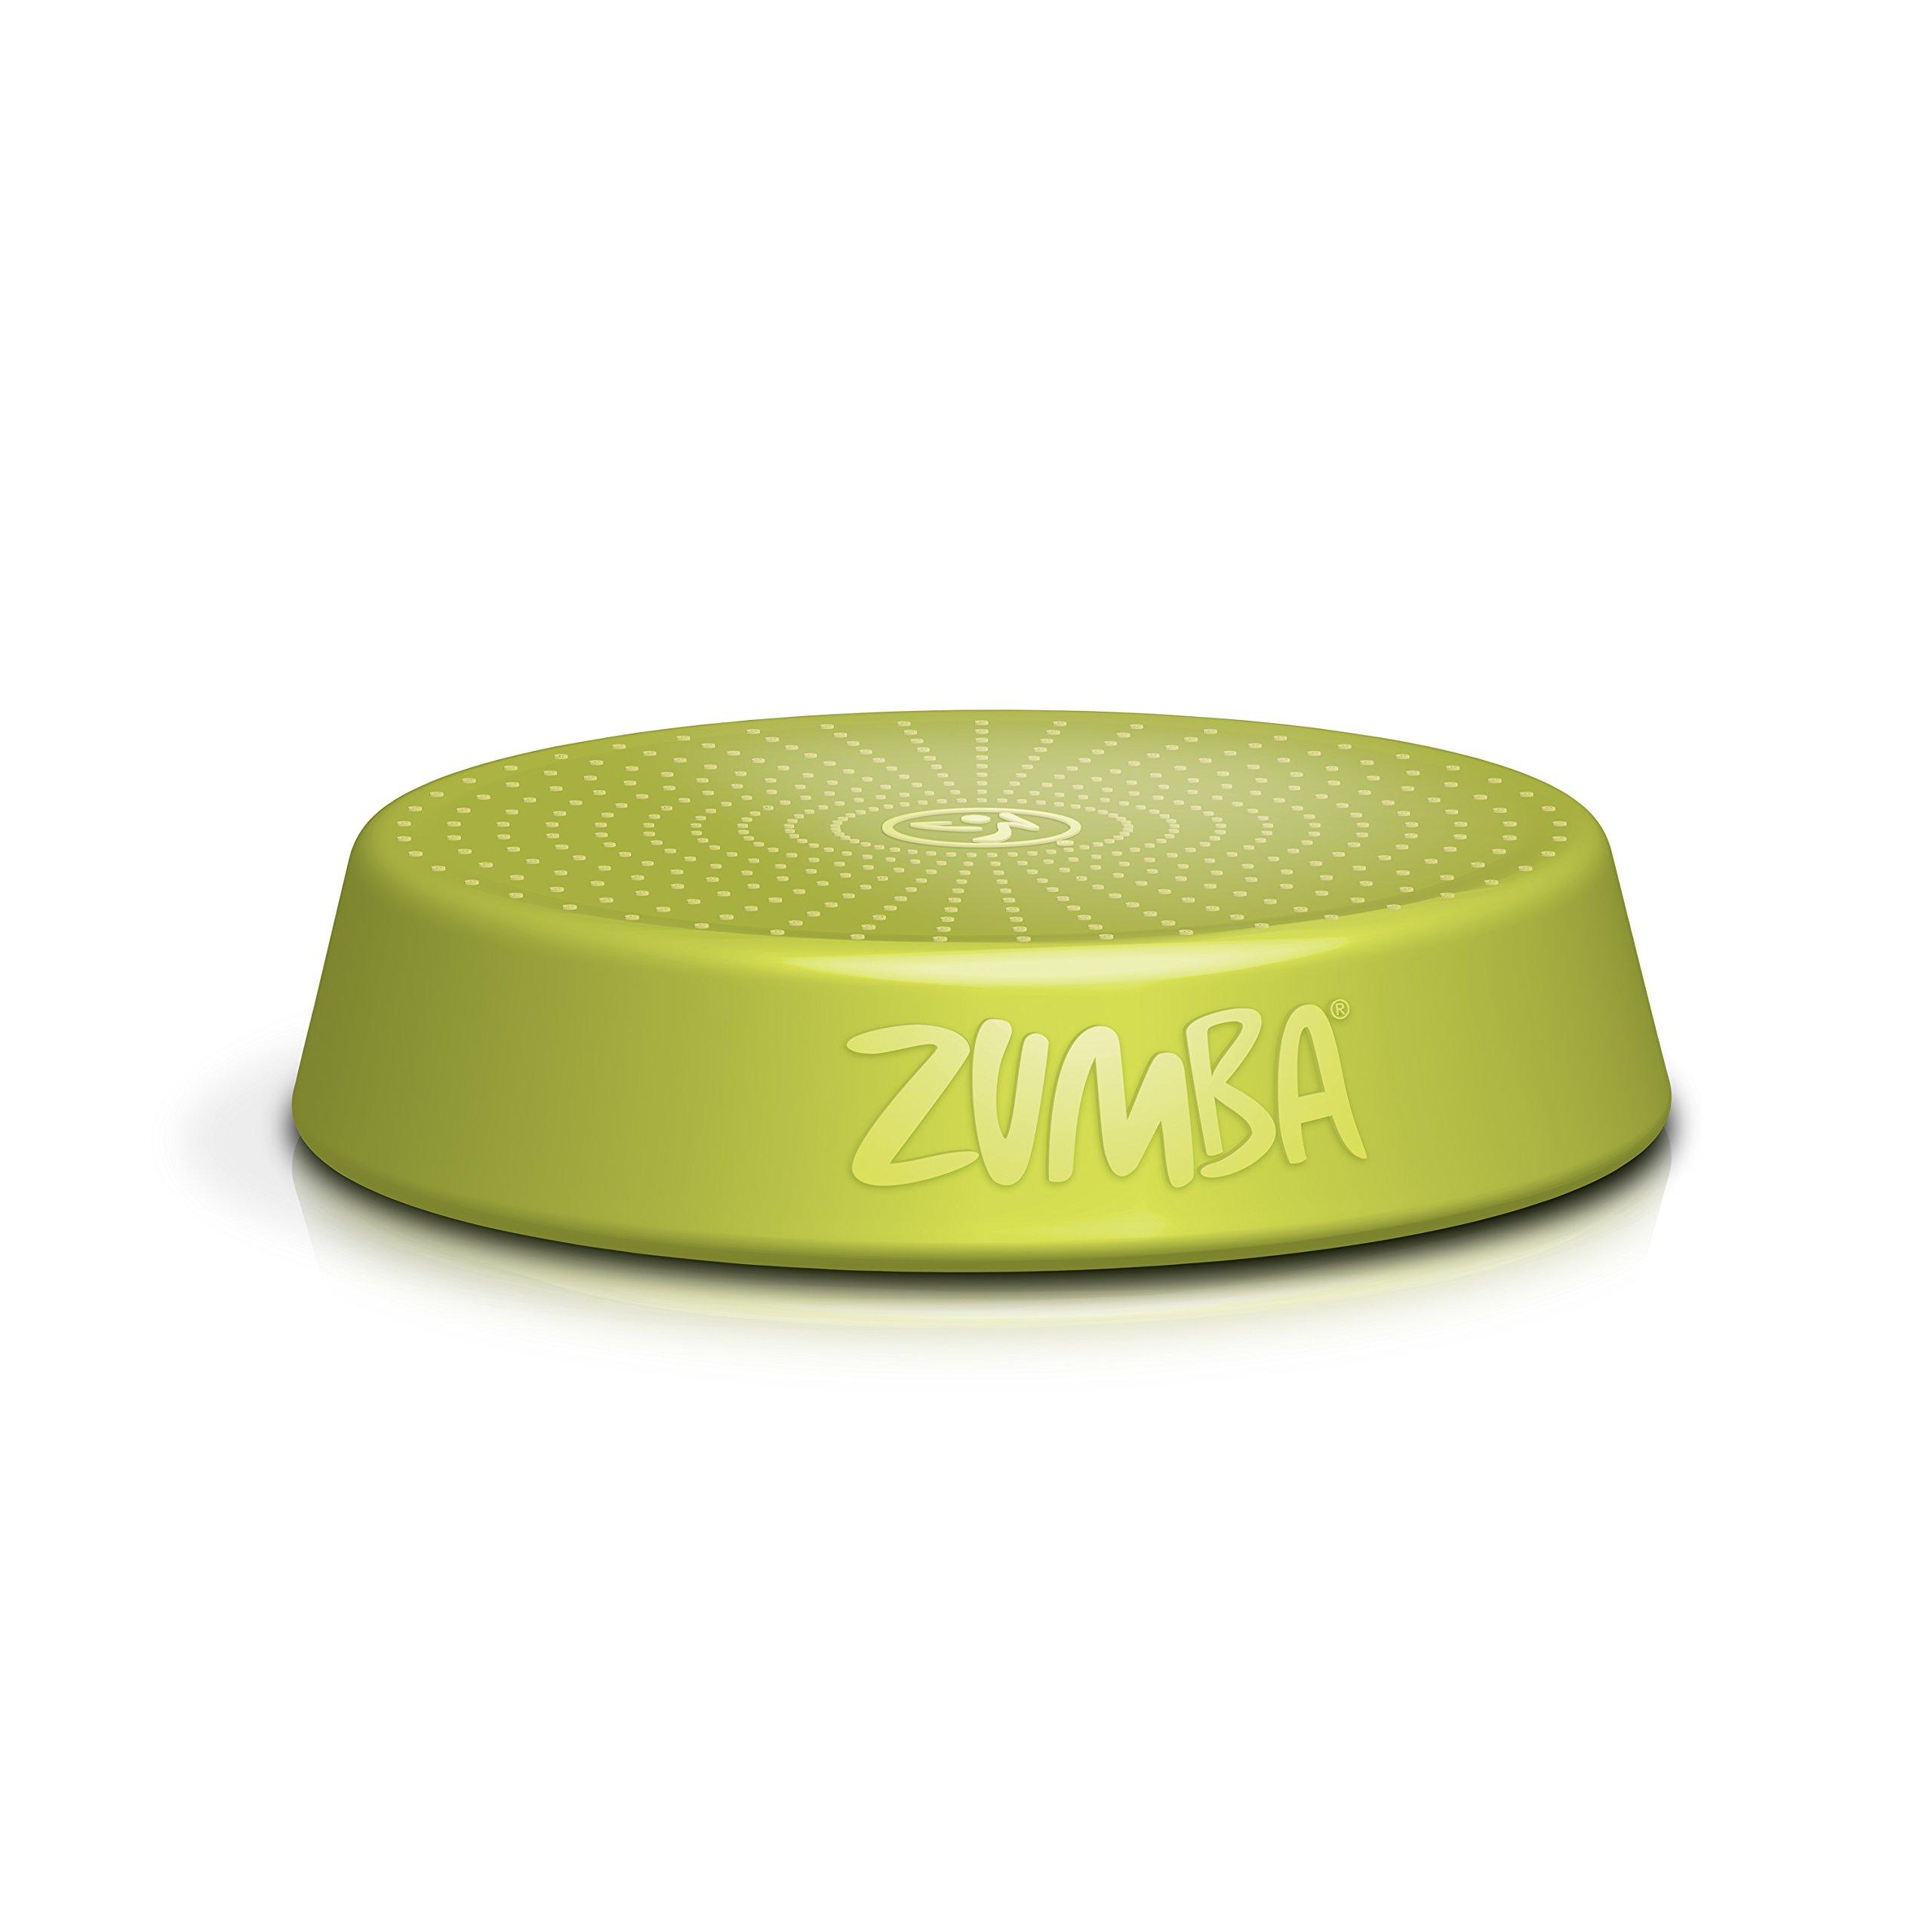 Zumba Fitness Rizer